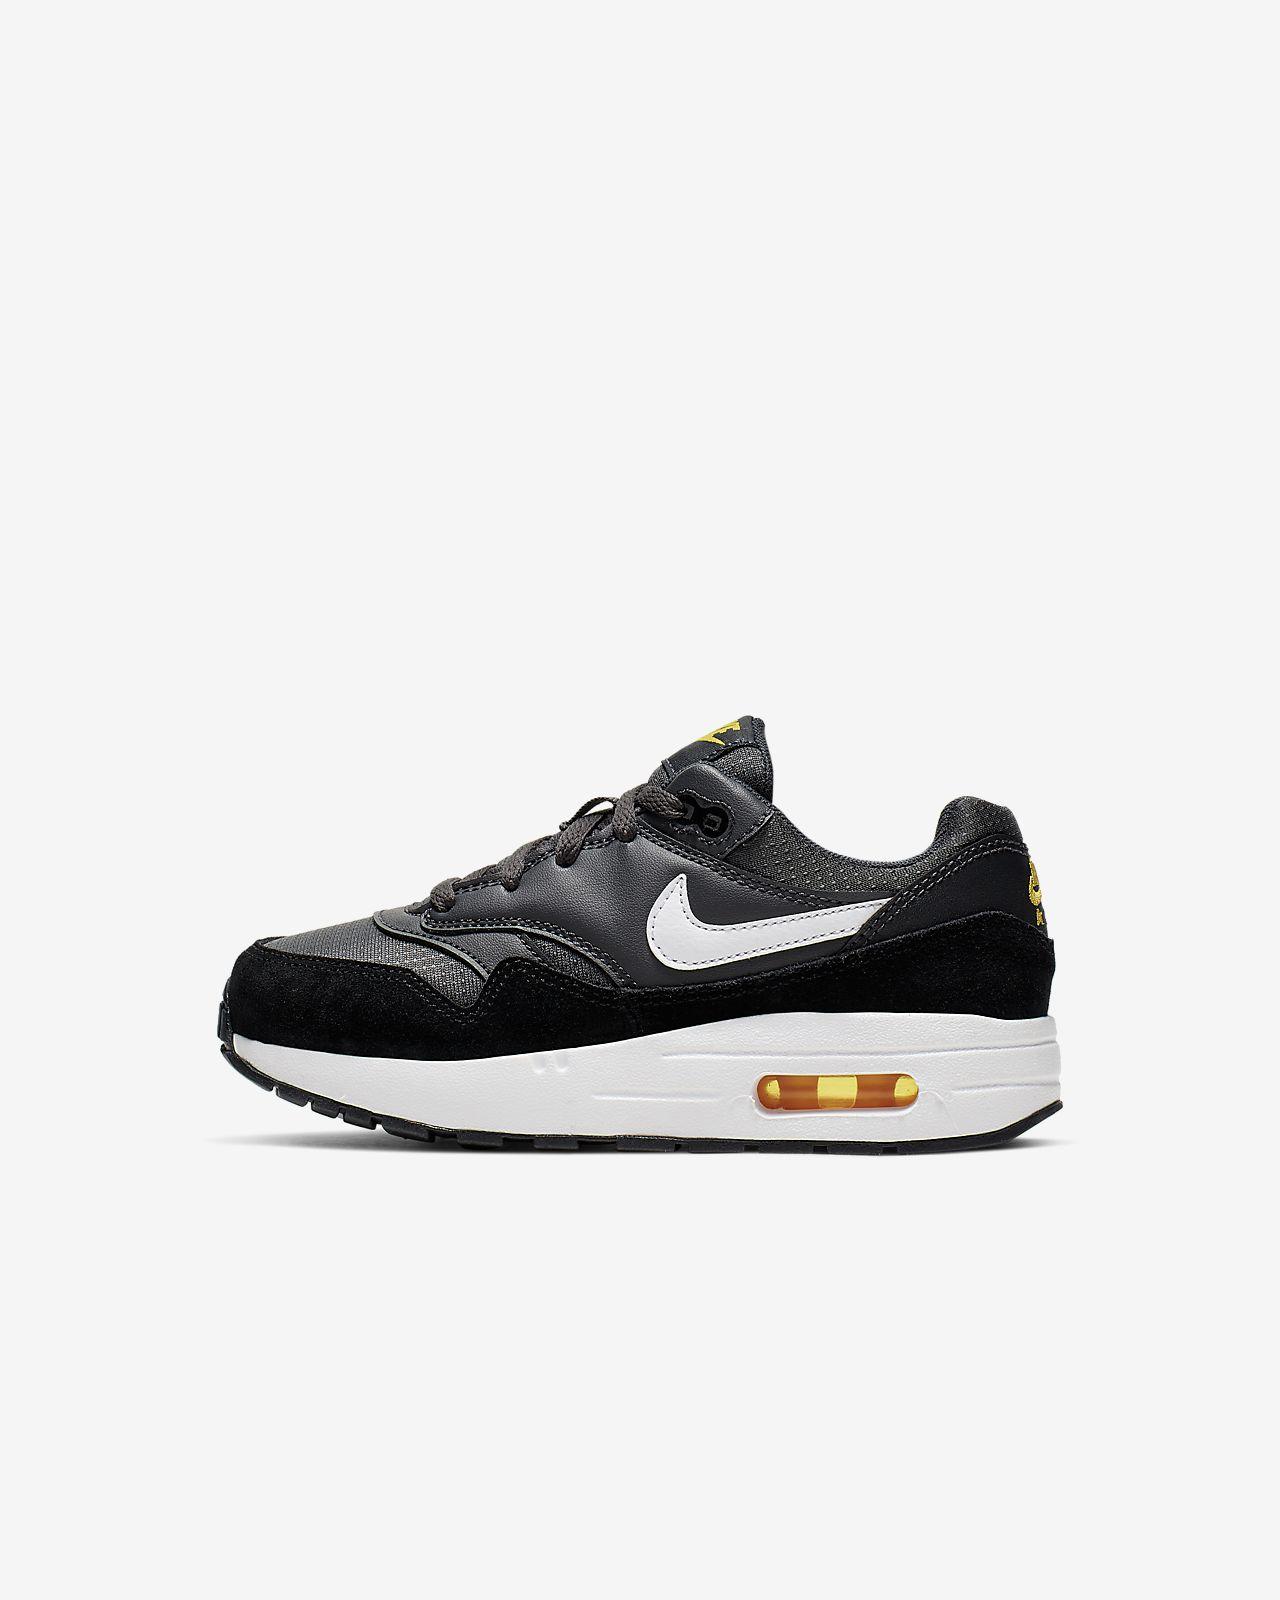 0e1995df86228 Chaussure Nike Air Max 1 pour Jeune enfant. Nike.com MA